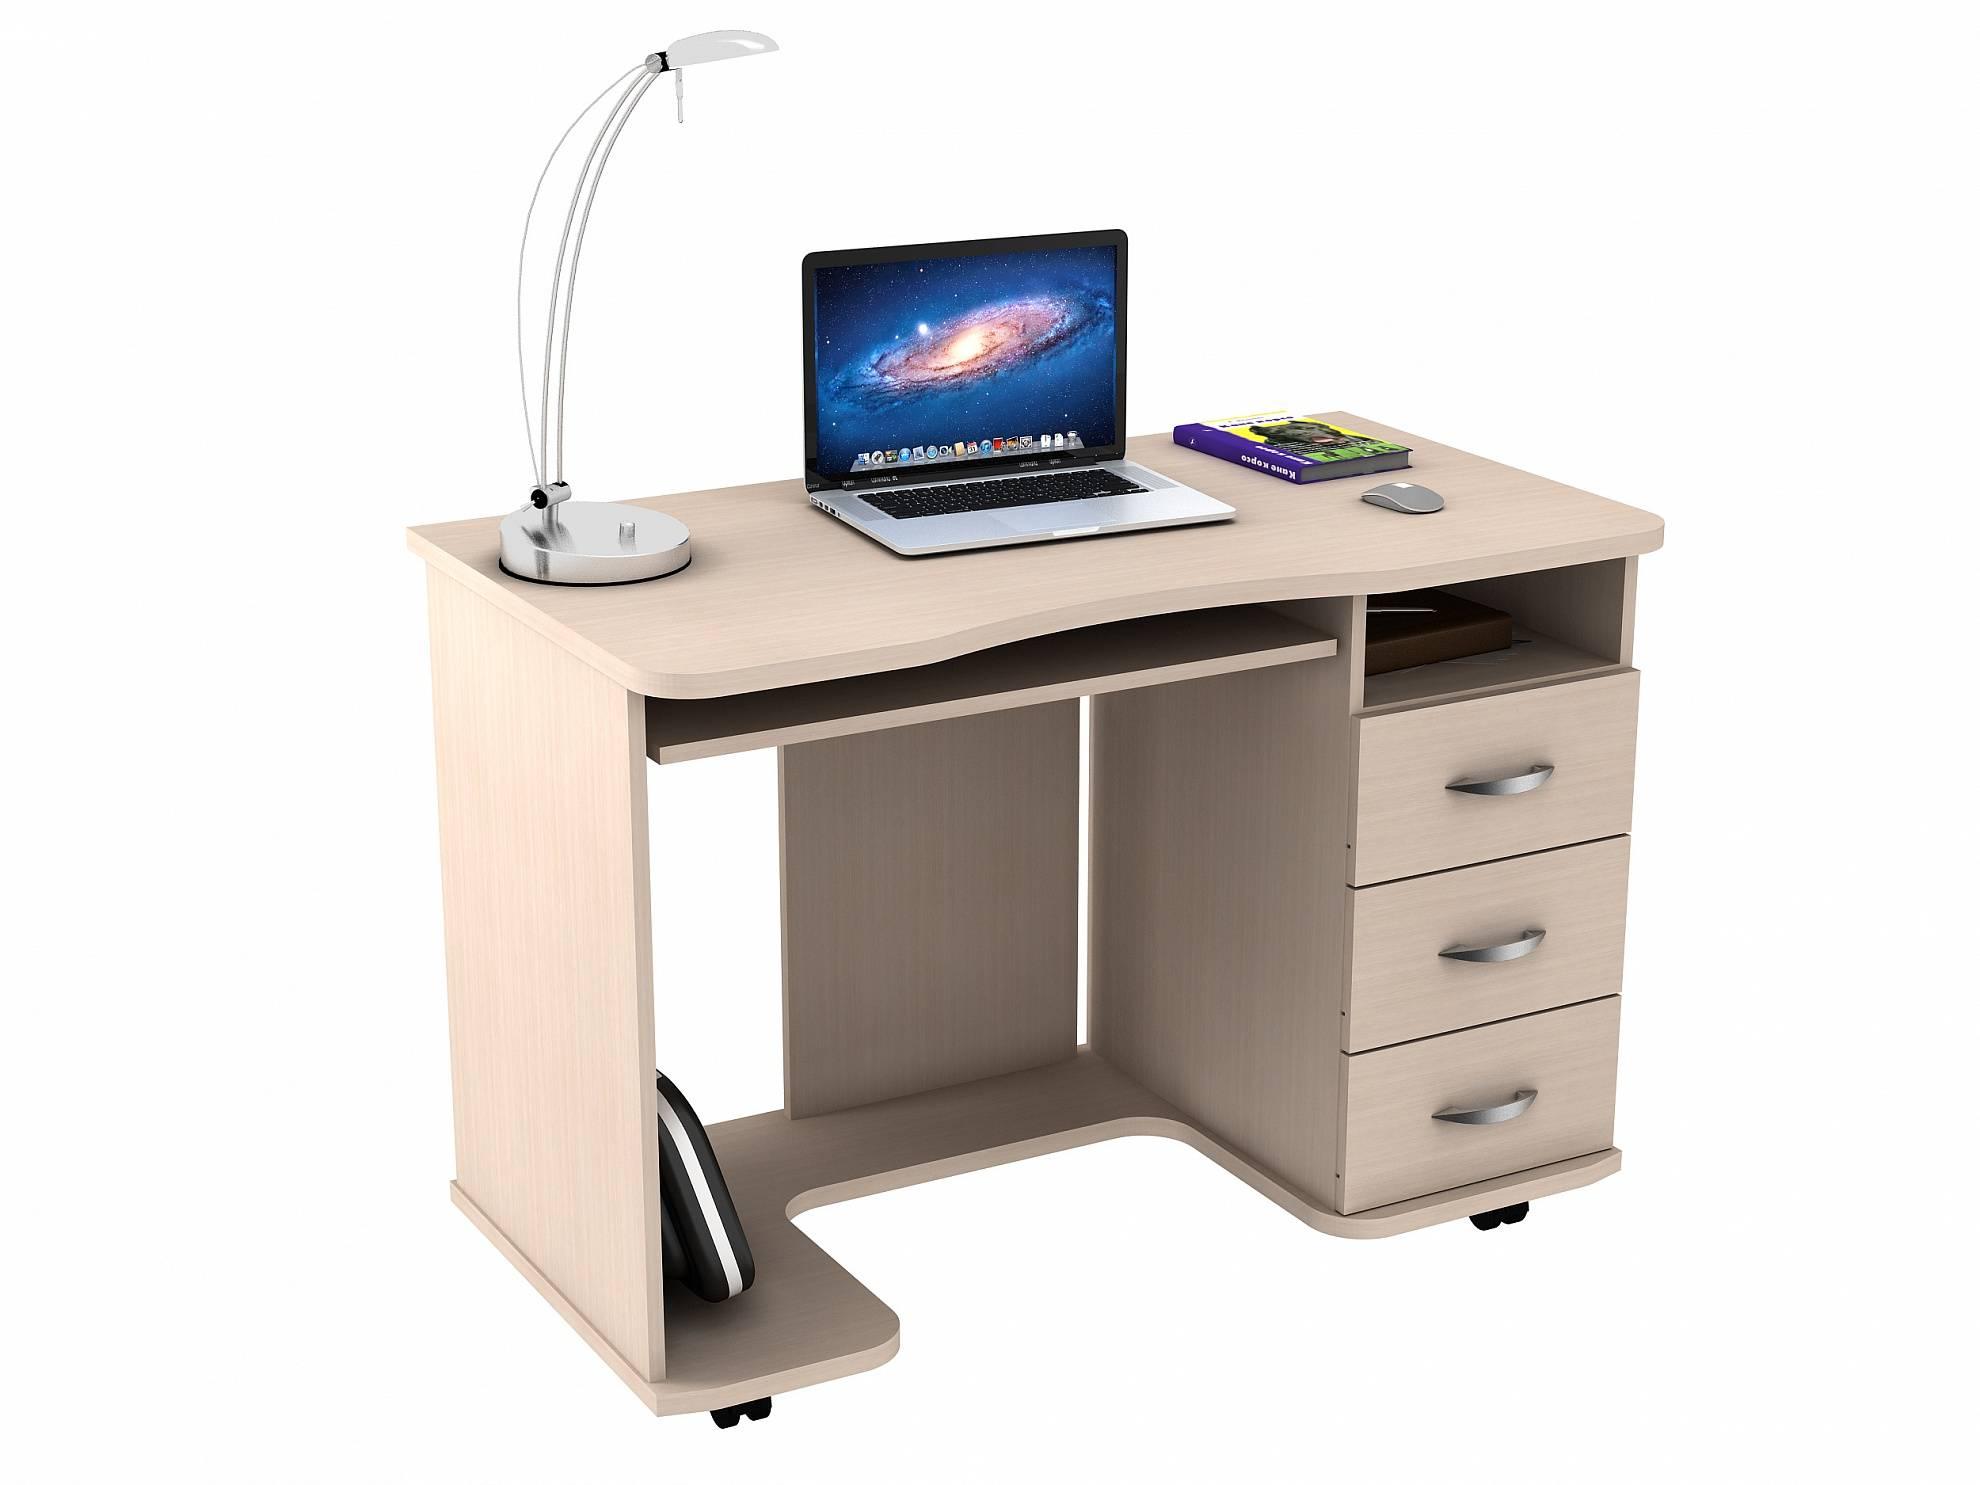 Компьютерный стол васко кс 20-40 - купить в москве по низкой.